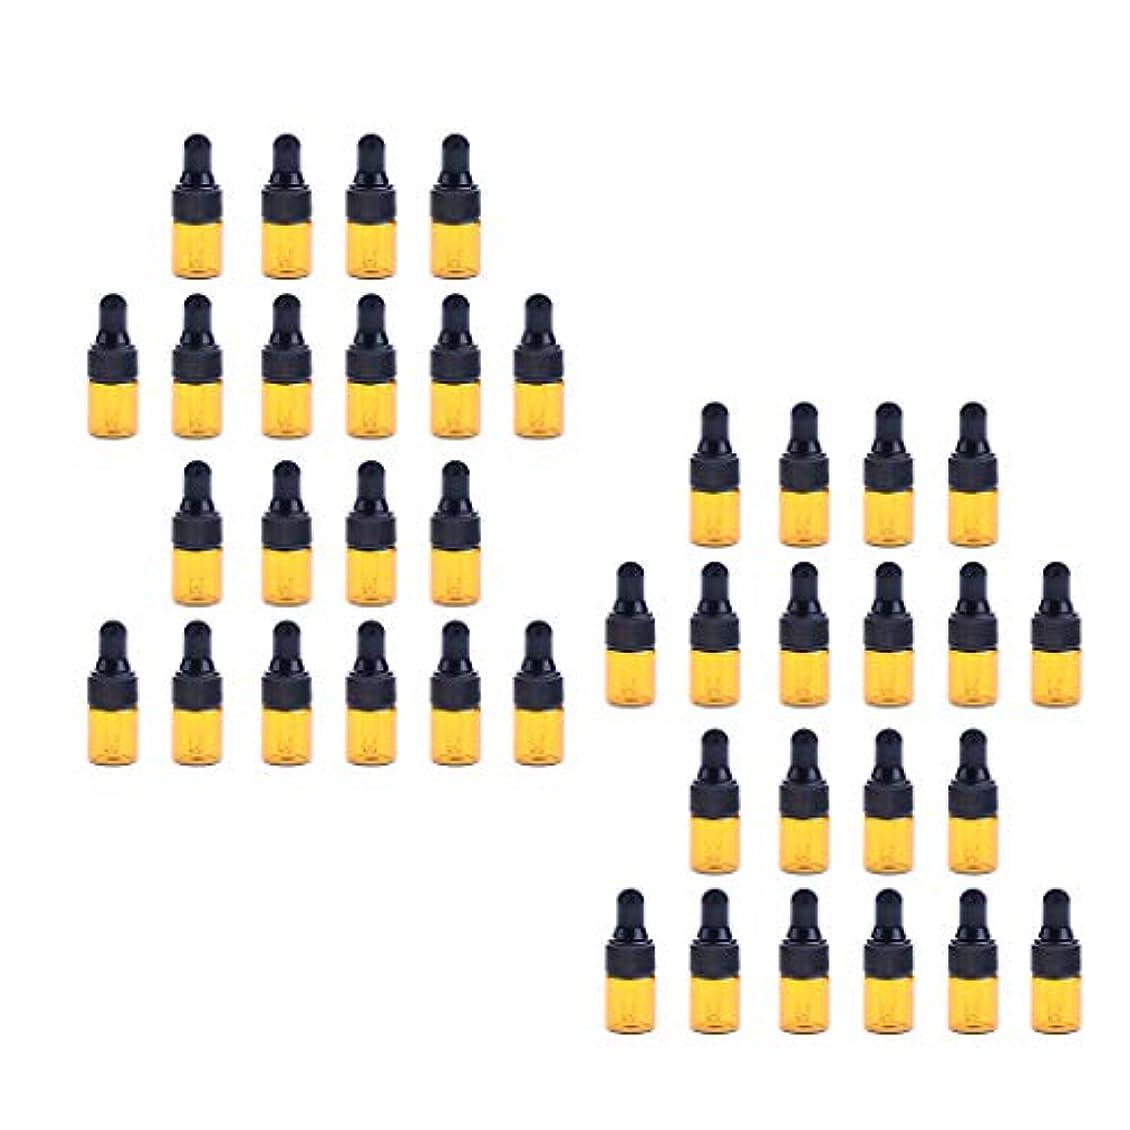 値するグラム発行Baoblaze 空ボトル ドロッパーボトル スポイトボトル 精油 エッセンシャルオイル 保存容器 1/2ml 約40個